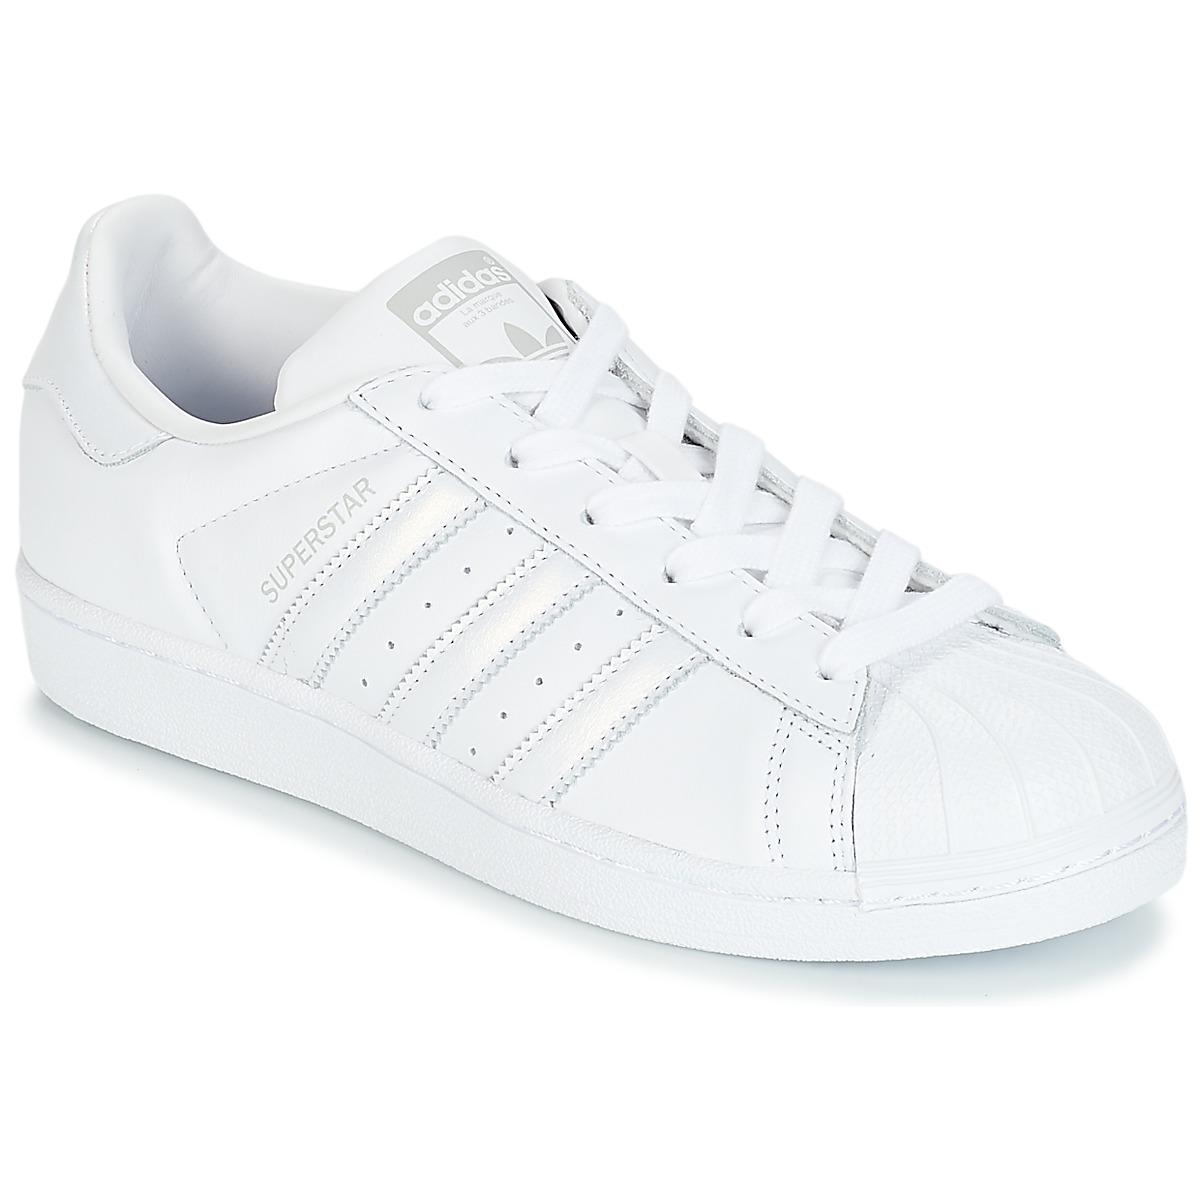 9cb5a2bf adidas Originals SUPERSTAR W Blanco / Plata - Envío gratis | Spartoo.es ! -  Zapatos Deportivas bajas Mujer 80,00 €